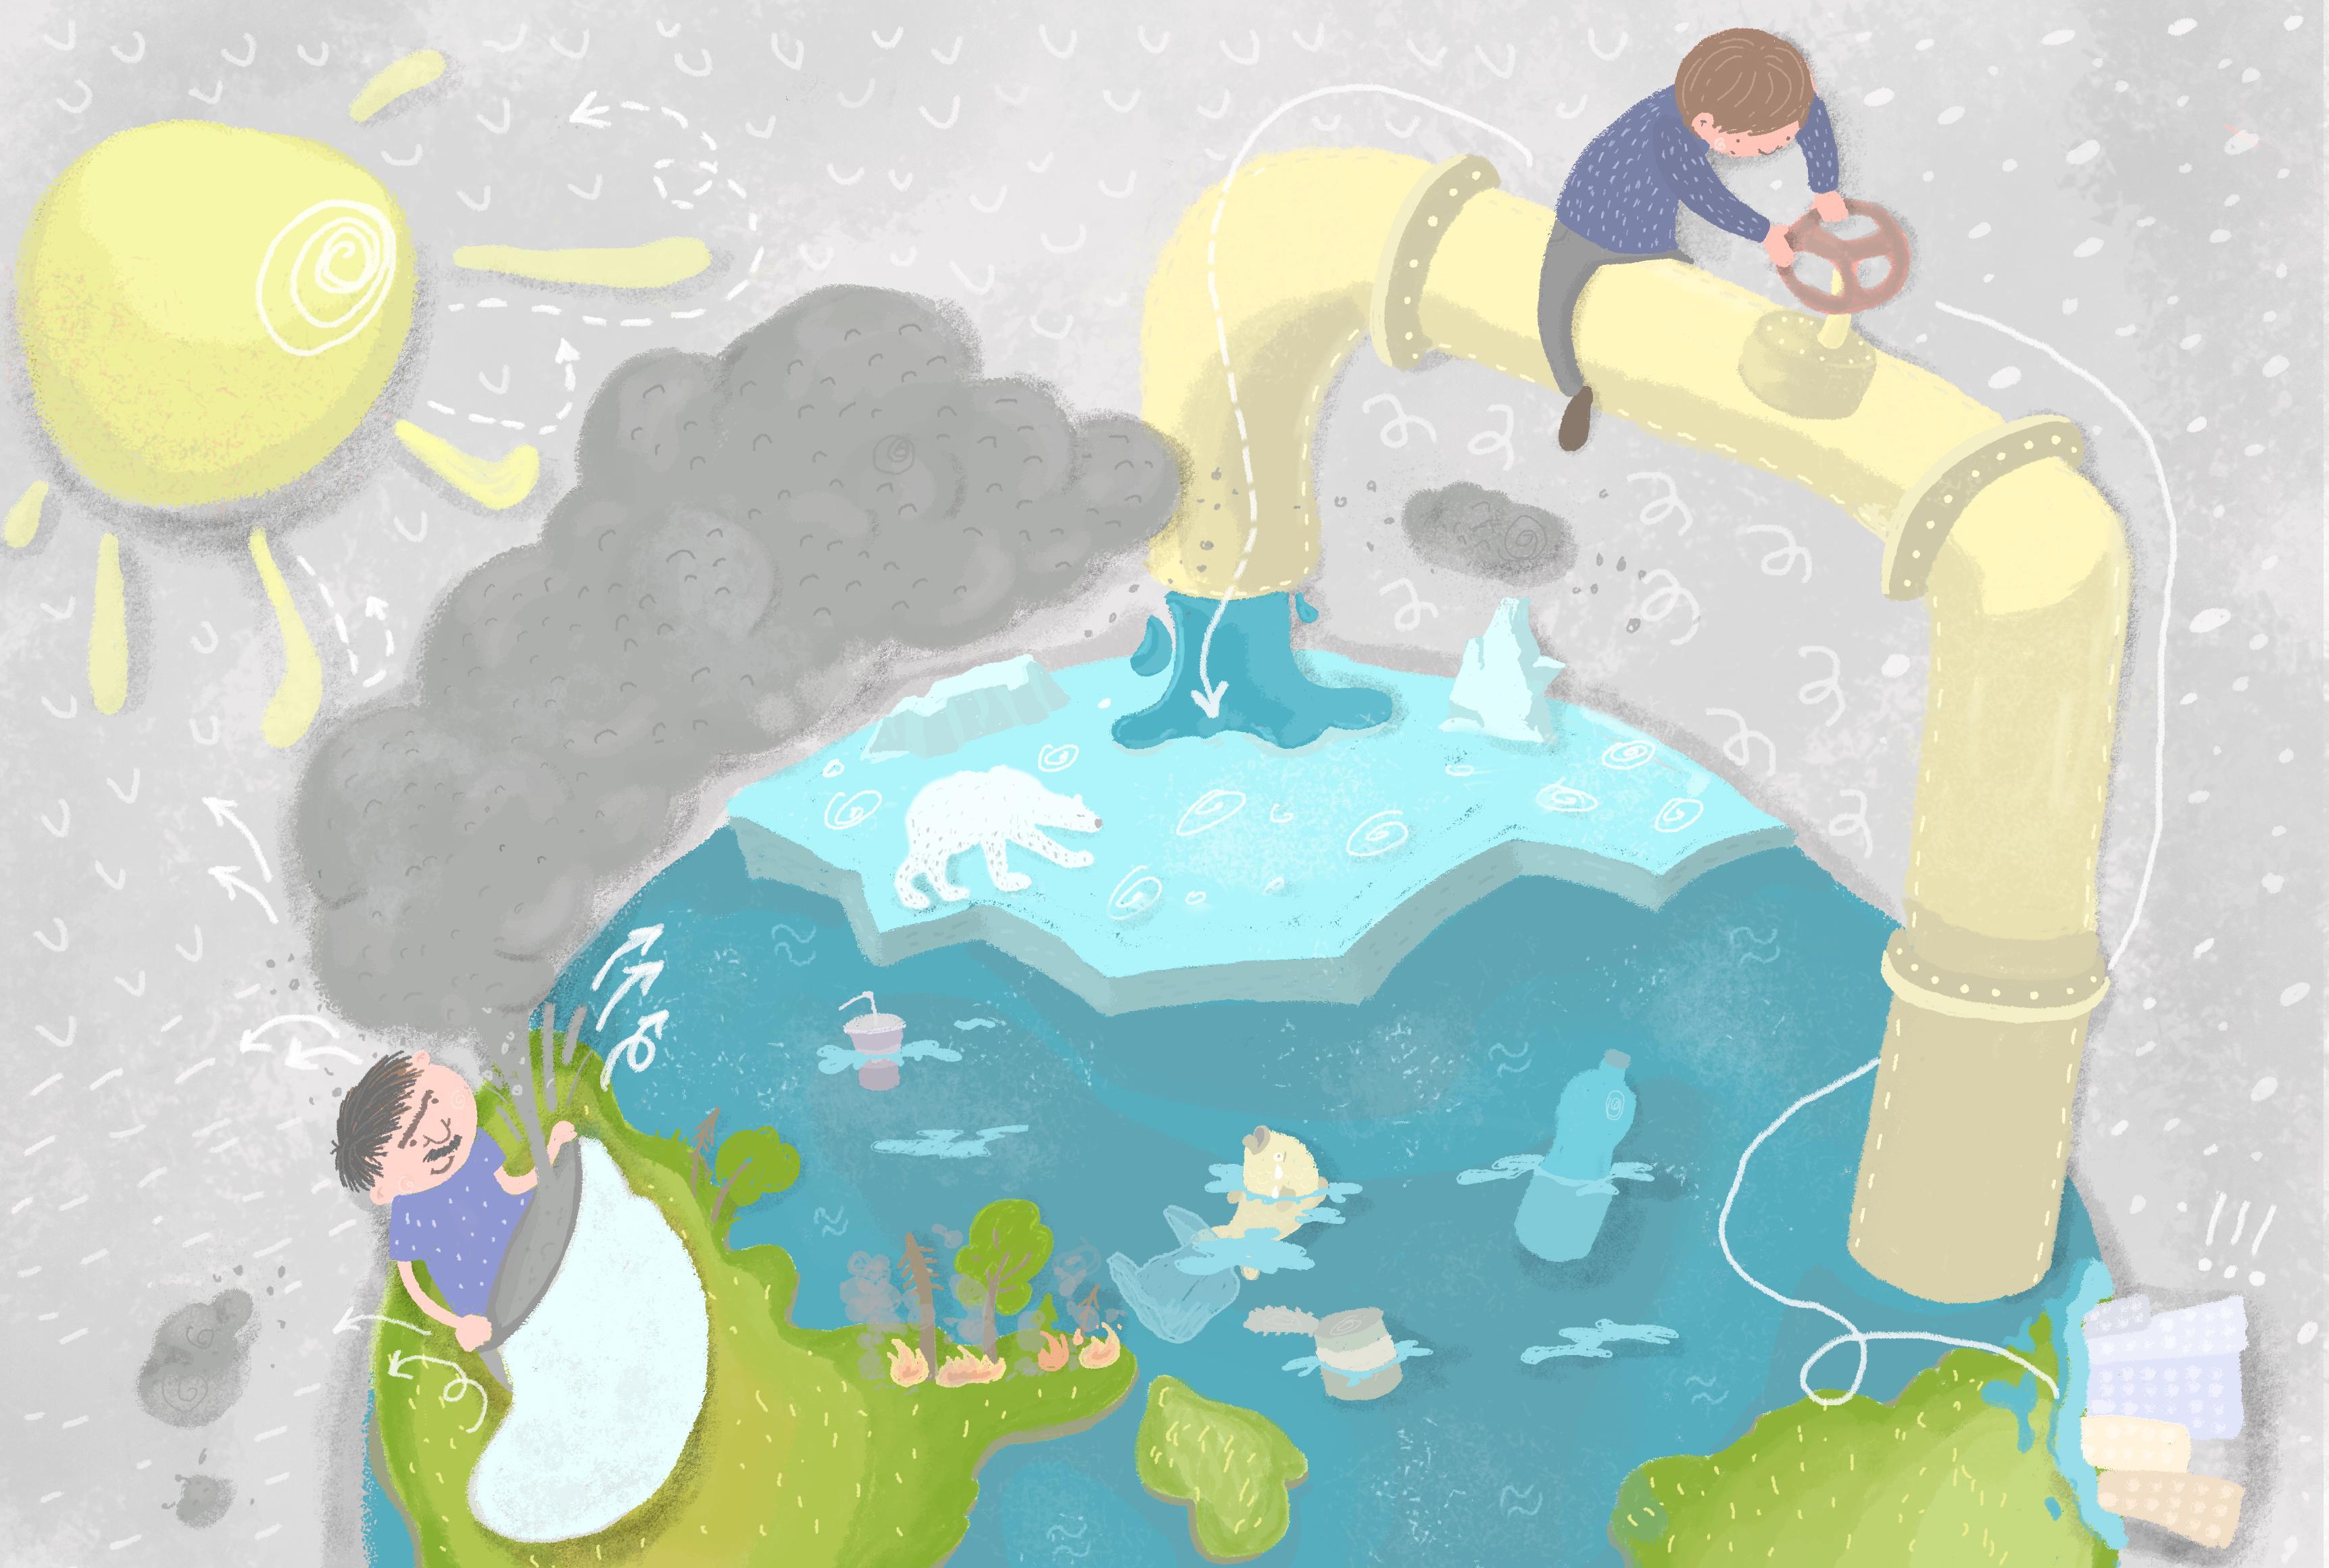 «Хороший антропоцен»: что нас ждёт в будущем?